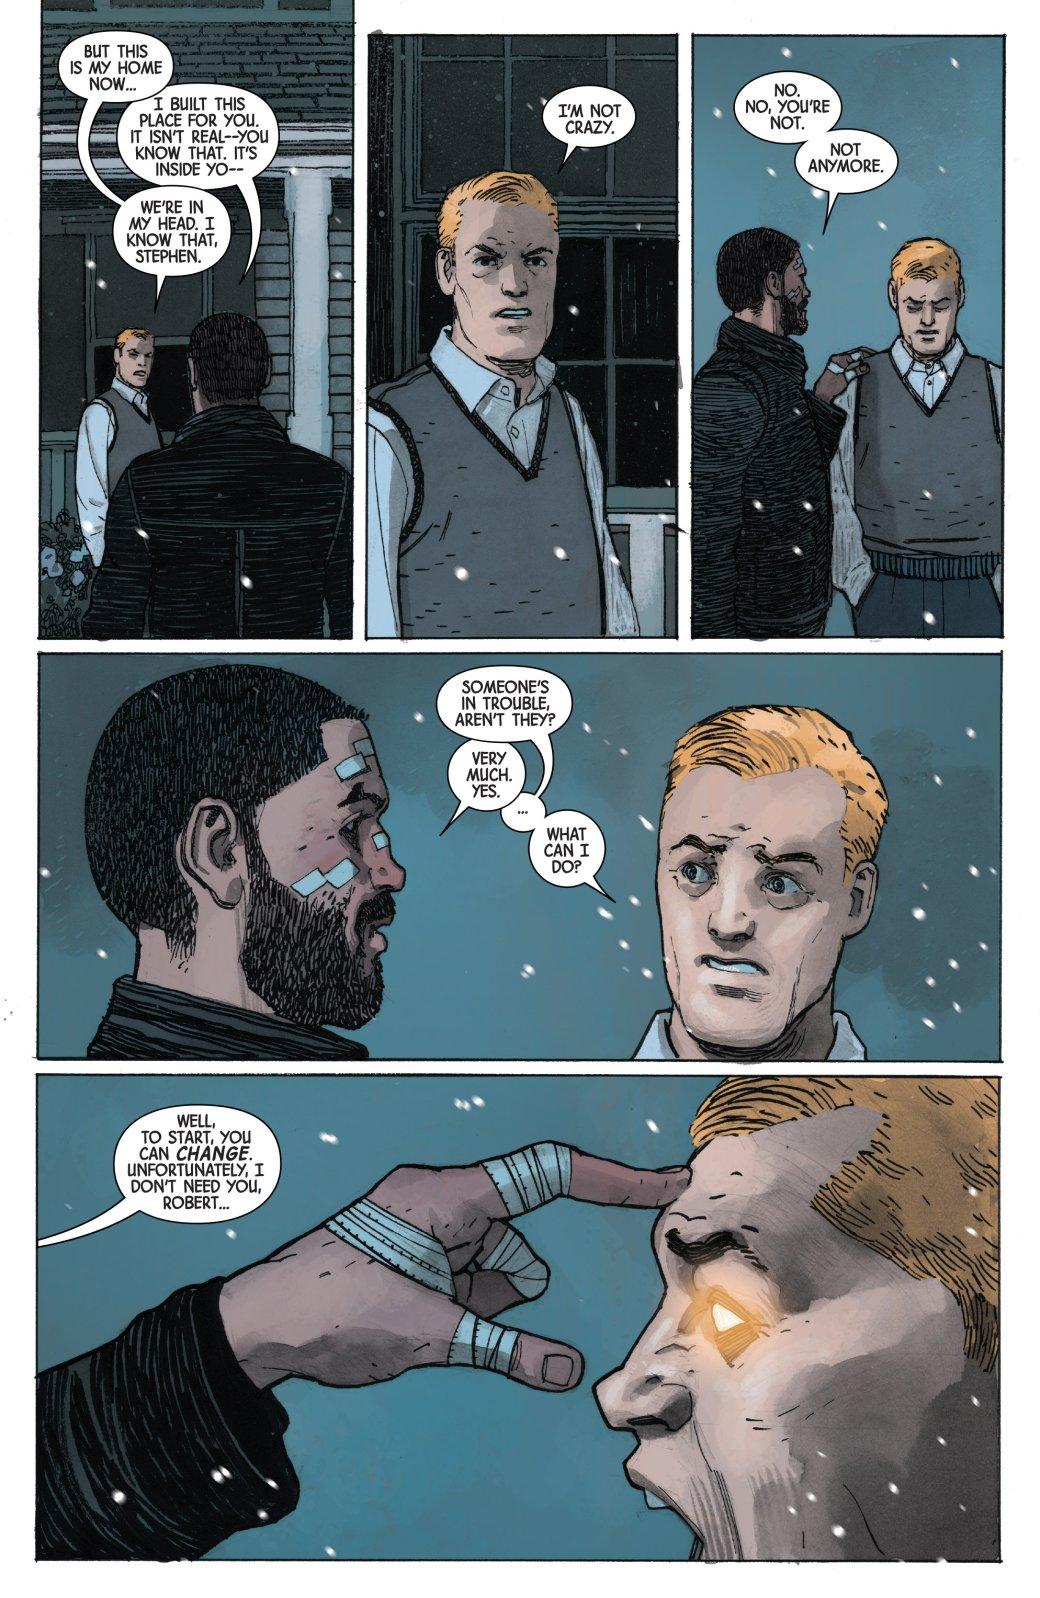 Издательство Marvel вернуло вкомиксы своего самого сильного супергероя. - Изображение 2